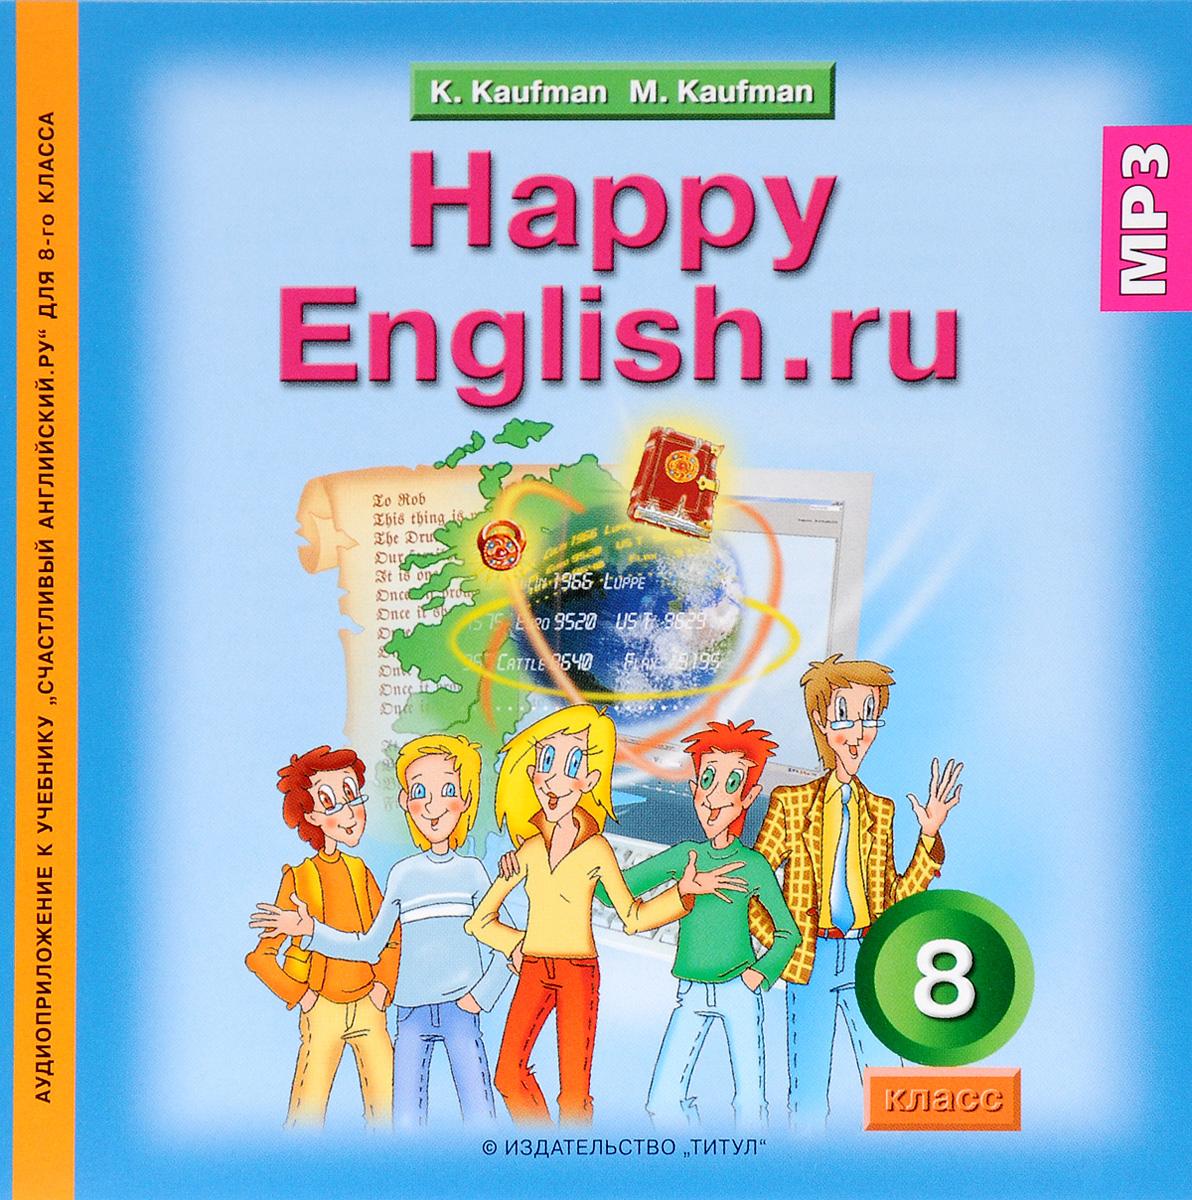 Happy English.ru 8 / Счастливый английский.ру. Английский язык. 8 класс. Электронное учебное пособие английский язык для педагогов учебное пособие